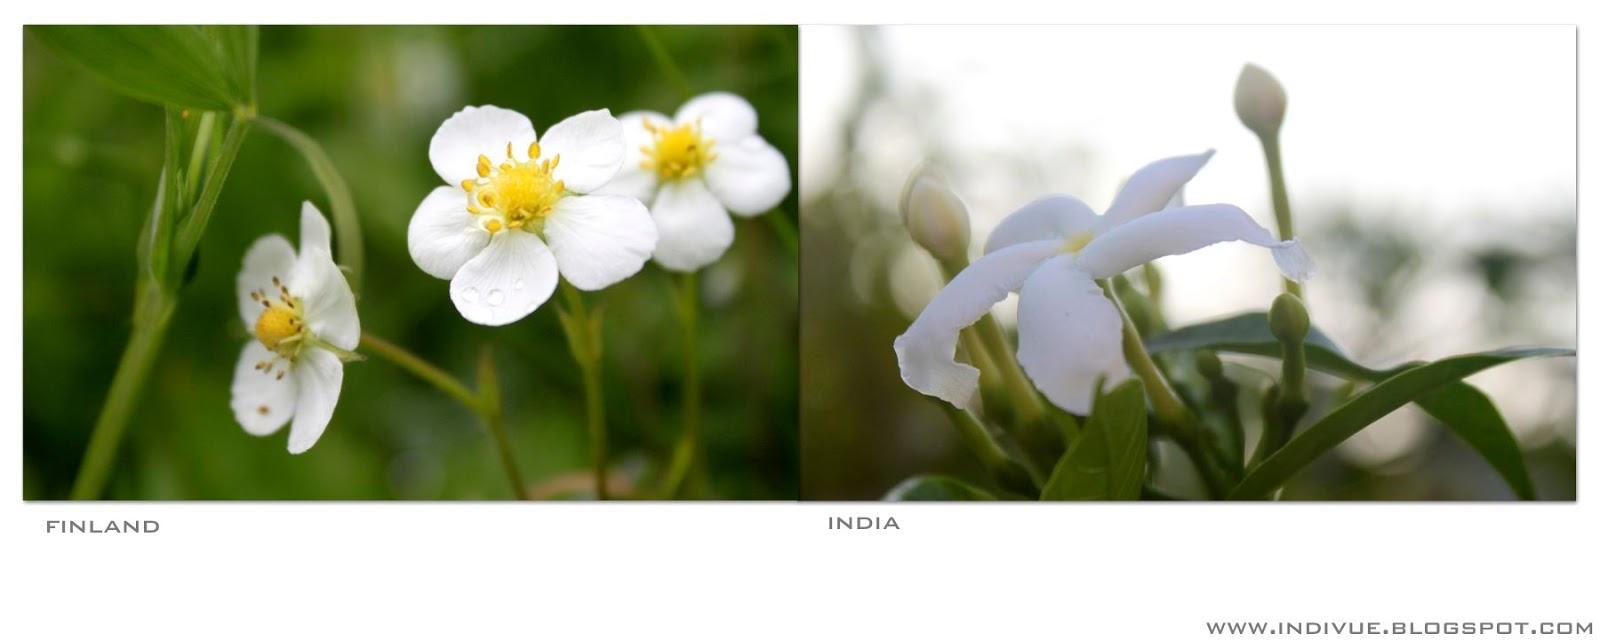 Valkoisia kukintoja Intiassa ja Suomessa